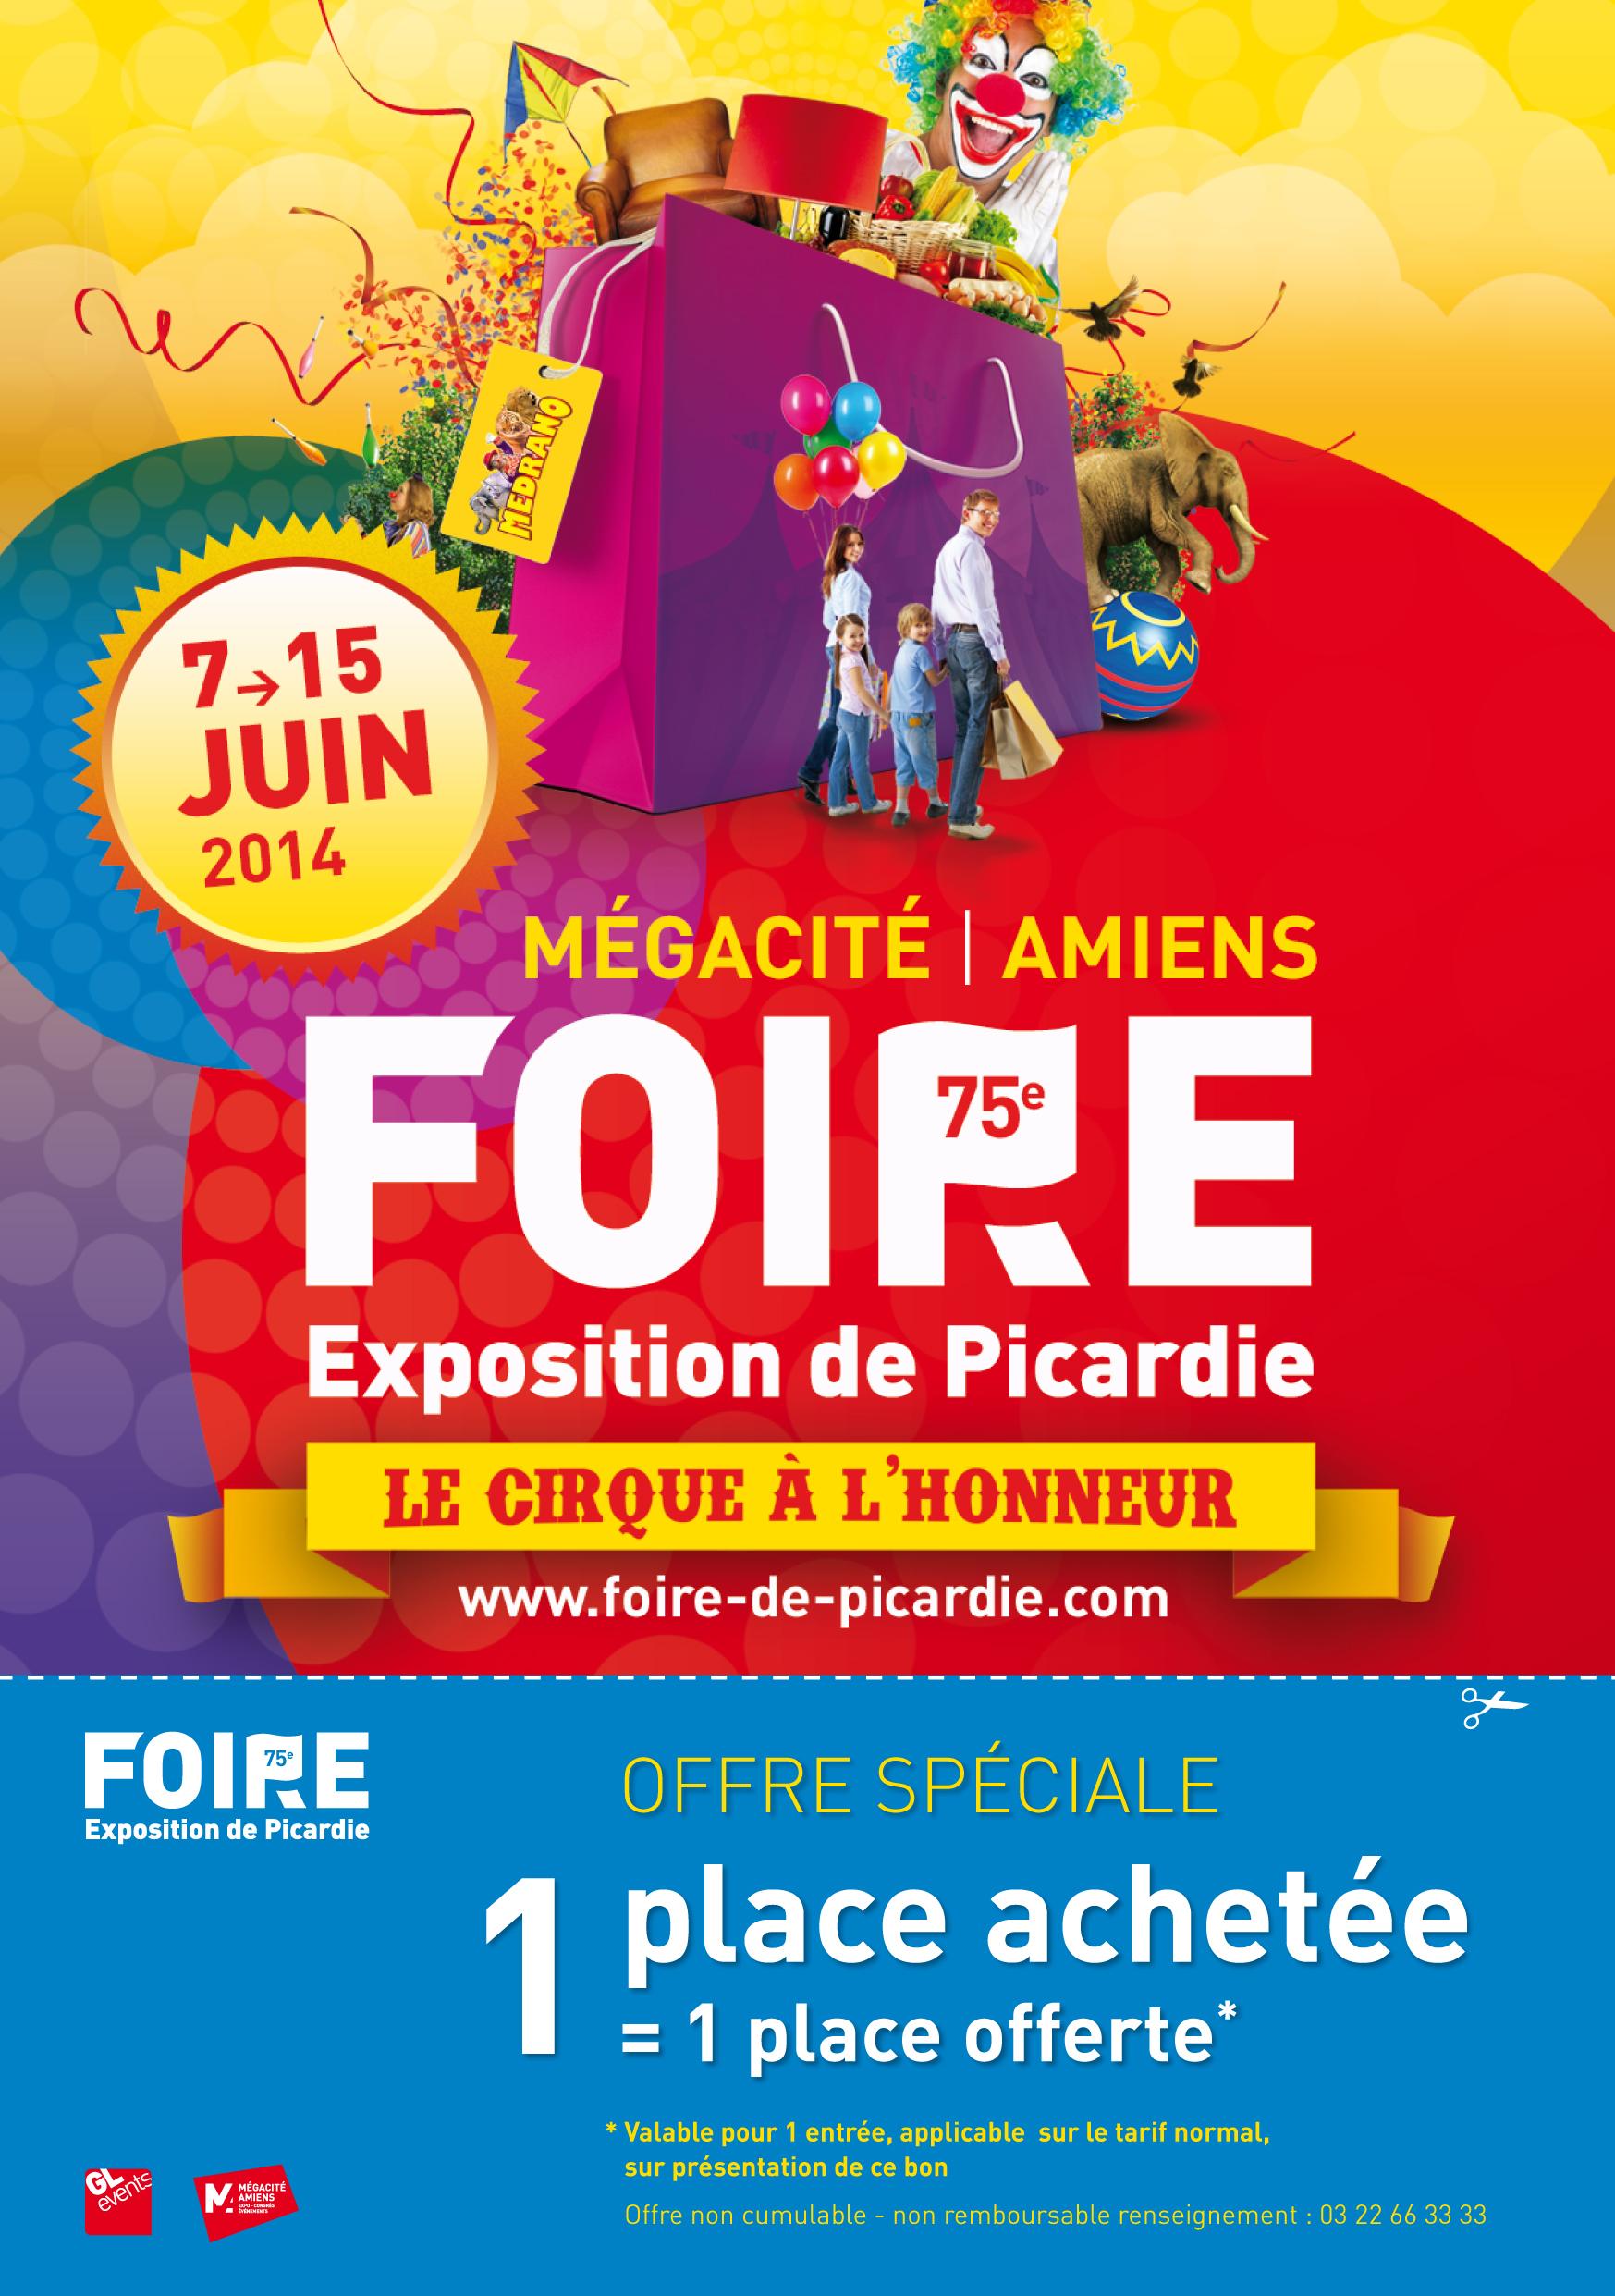 Quelques liens utiles for Amiens foire expo